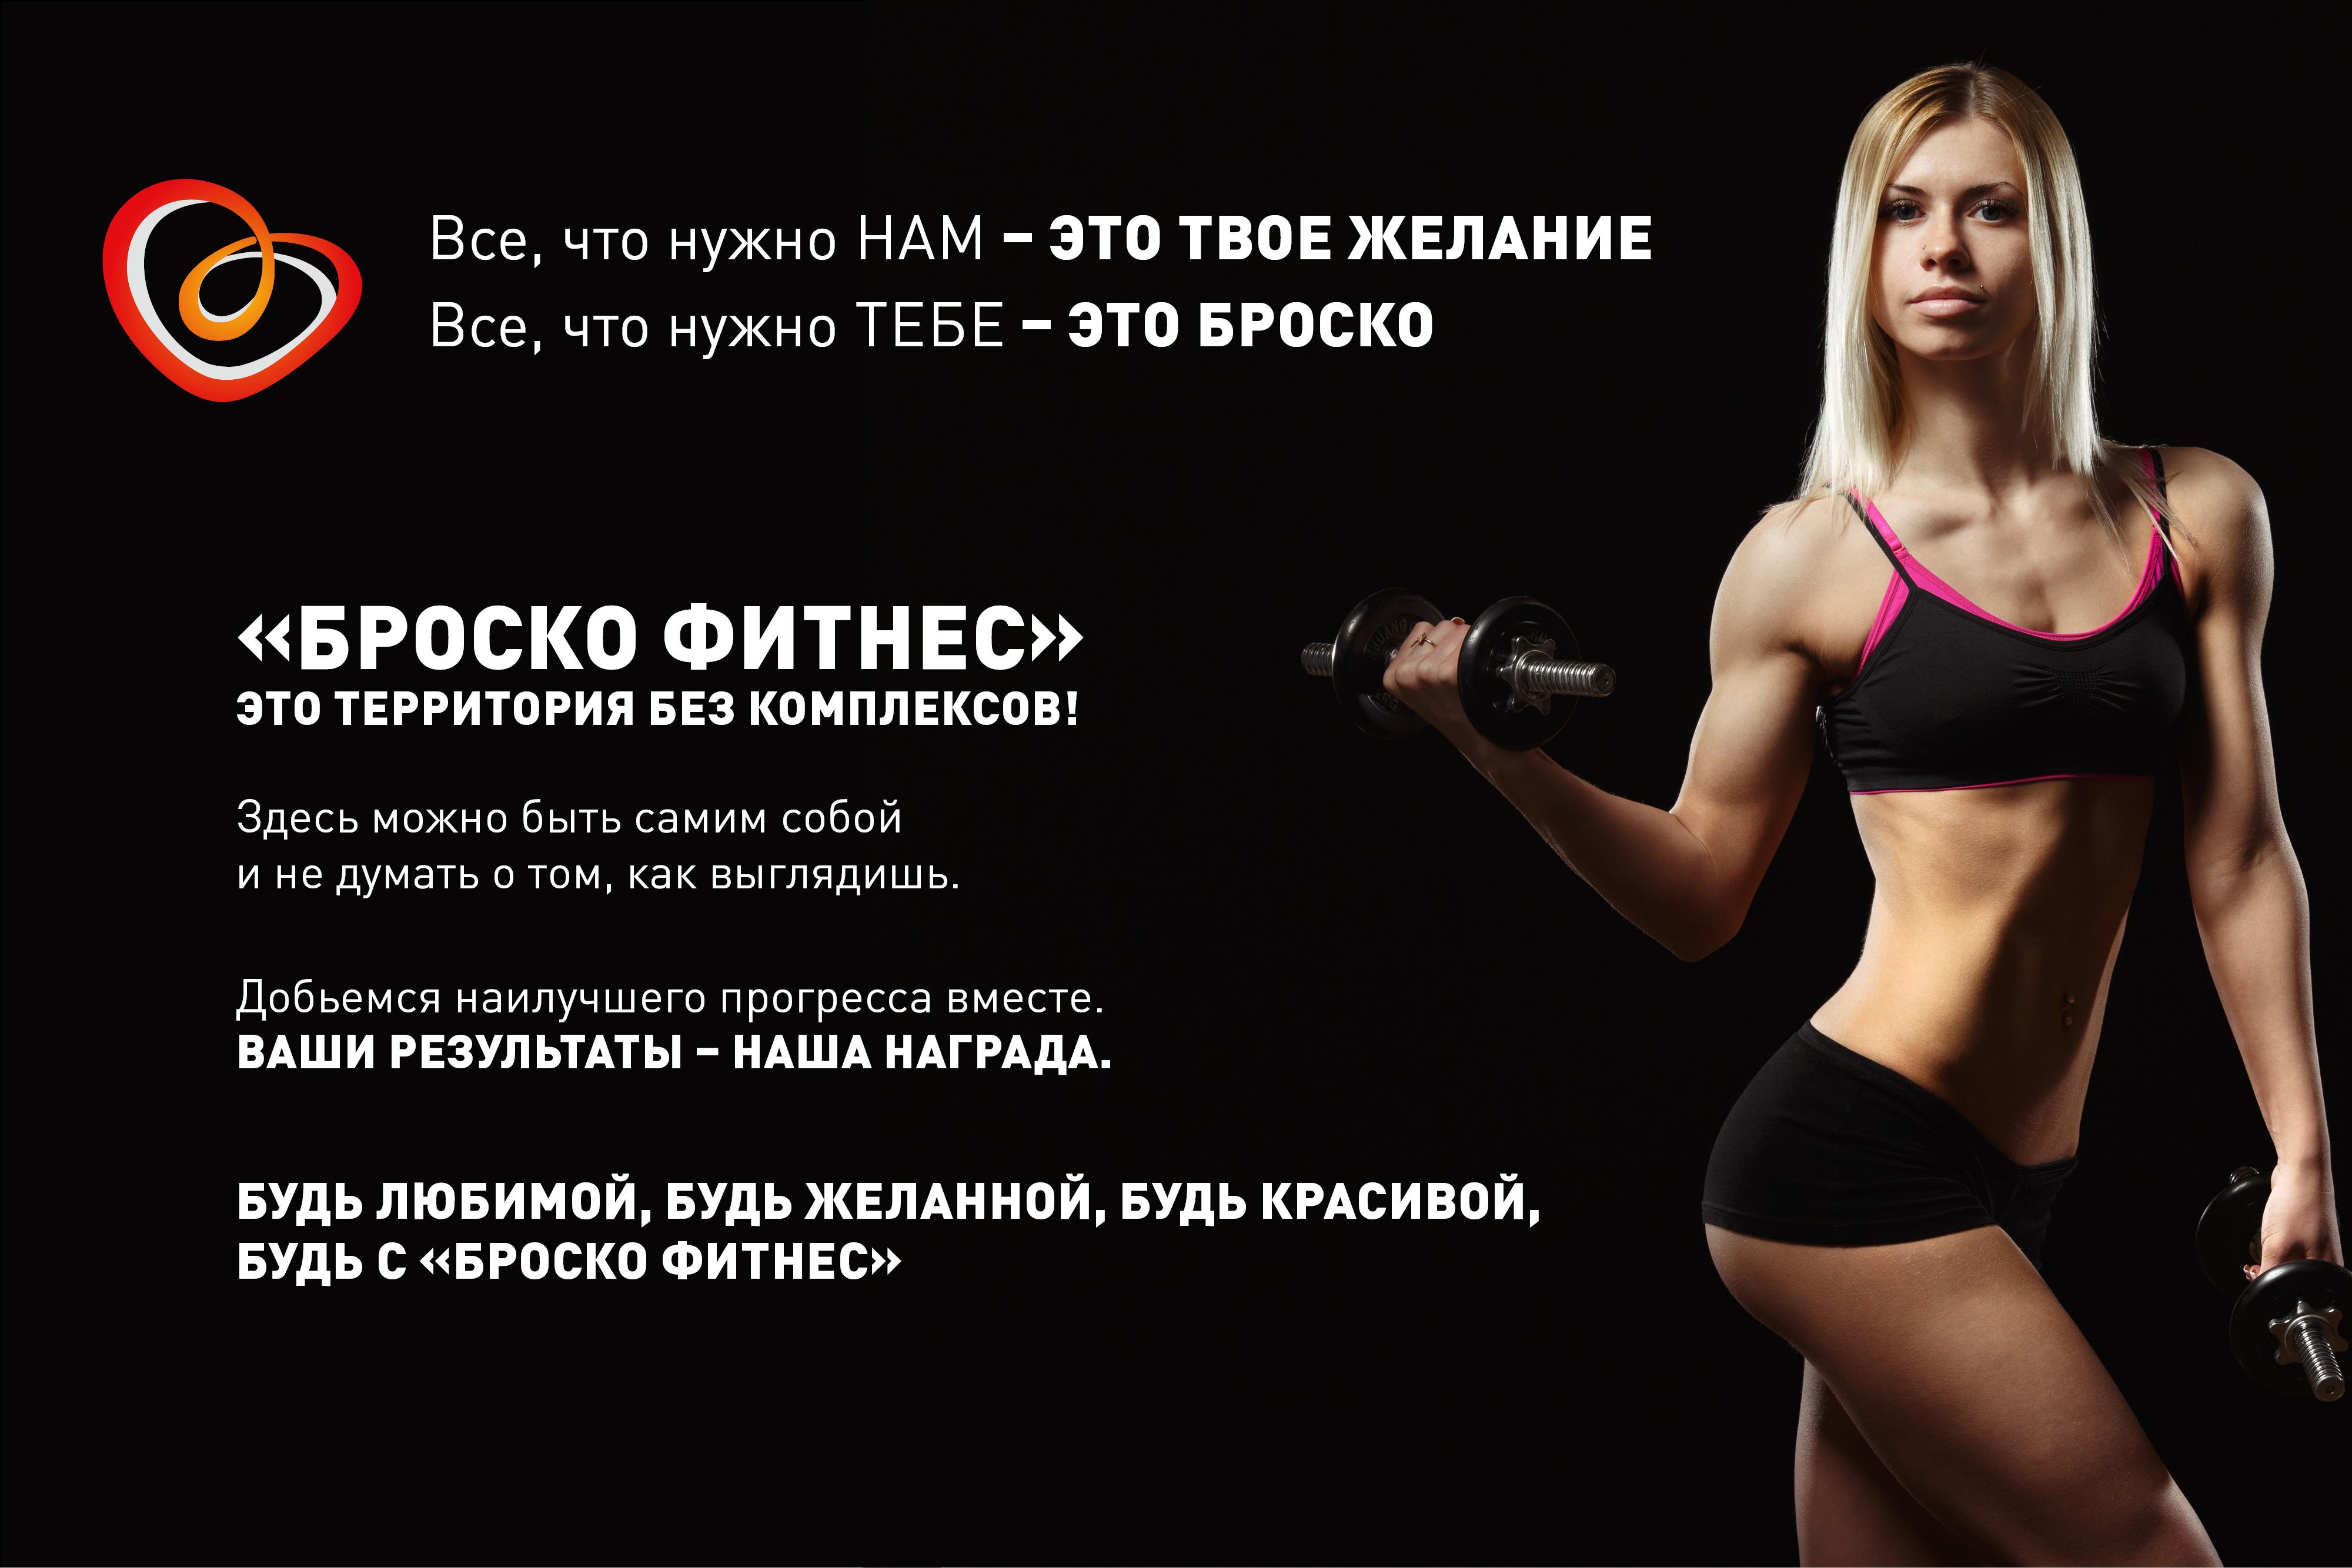 Фитнес клуб броско